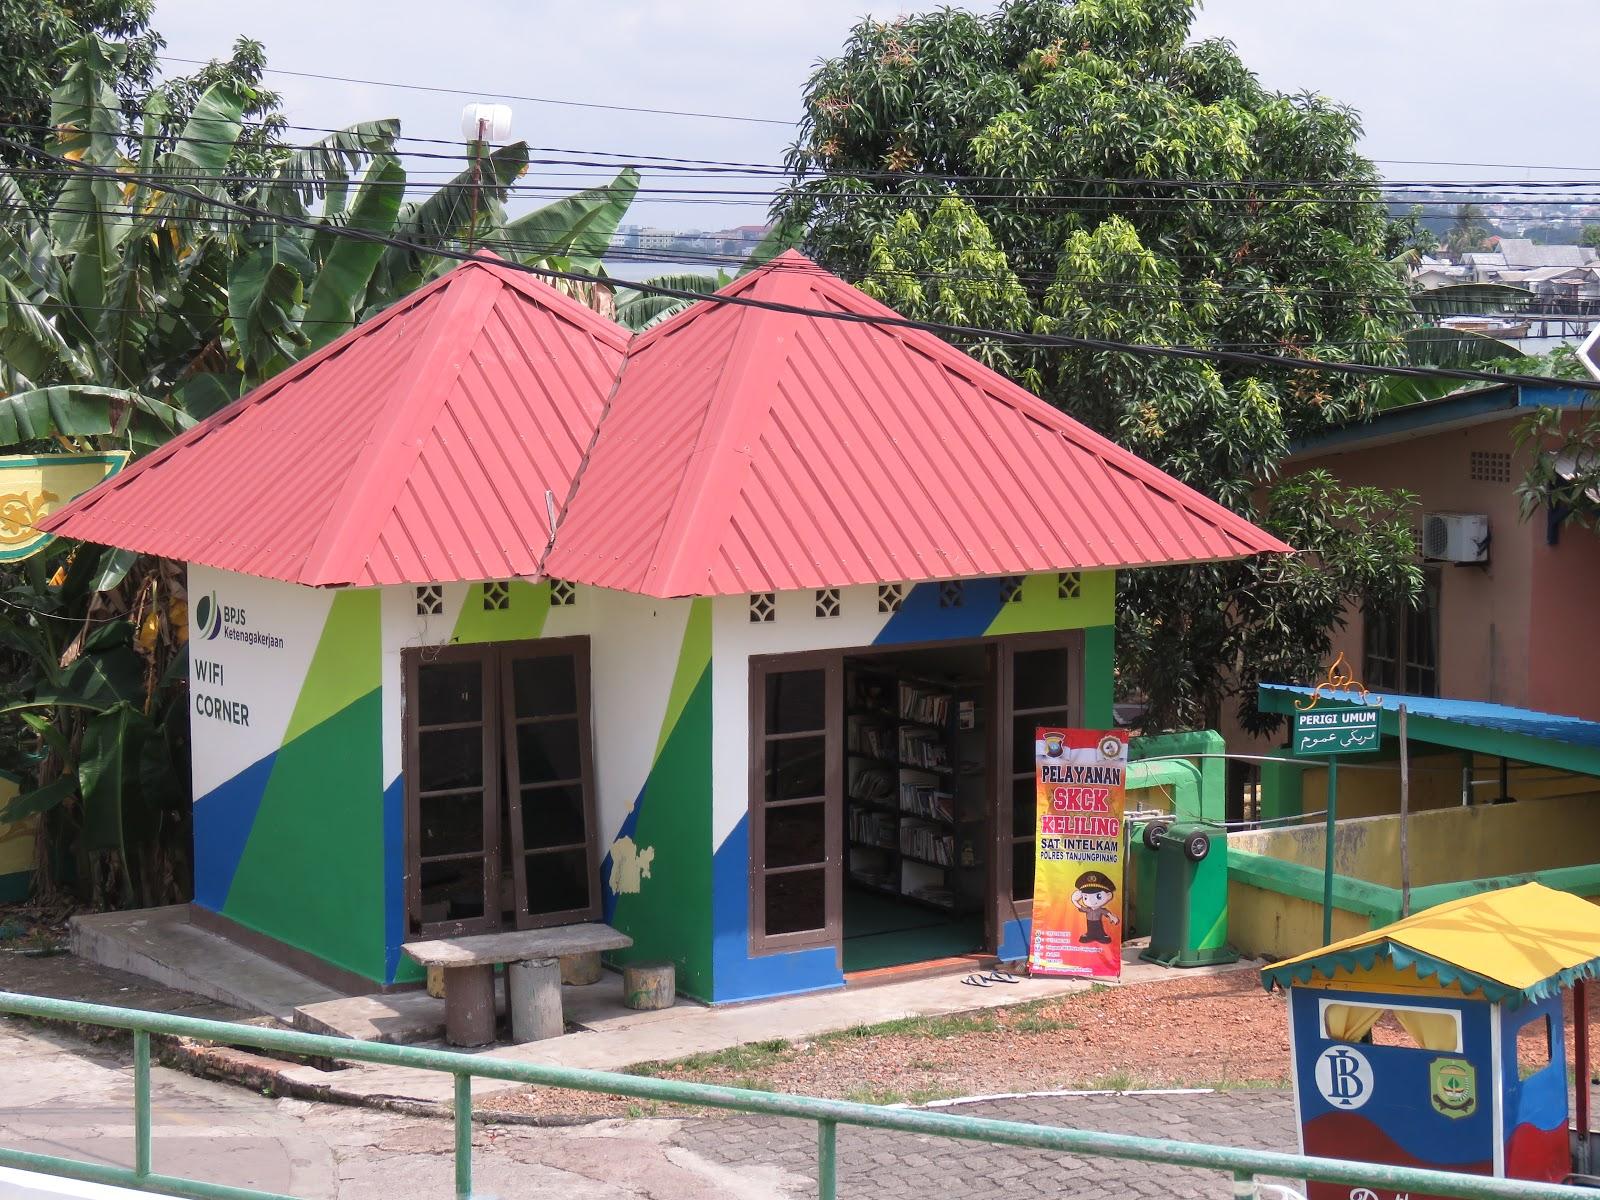 Permudah Pelayanan SKCK, Polres Tanjungpinang Buka Pelayanan di Pulau Penyengat